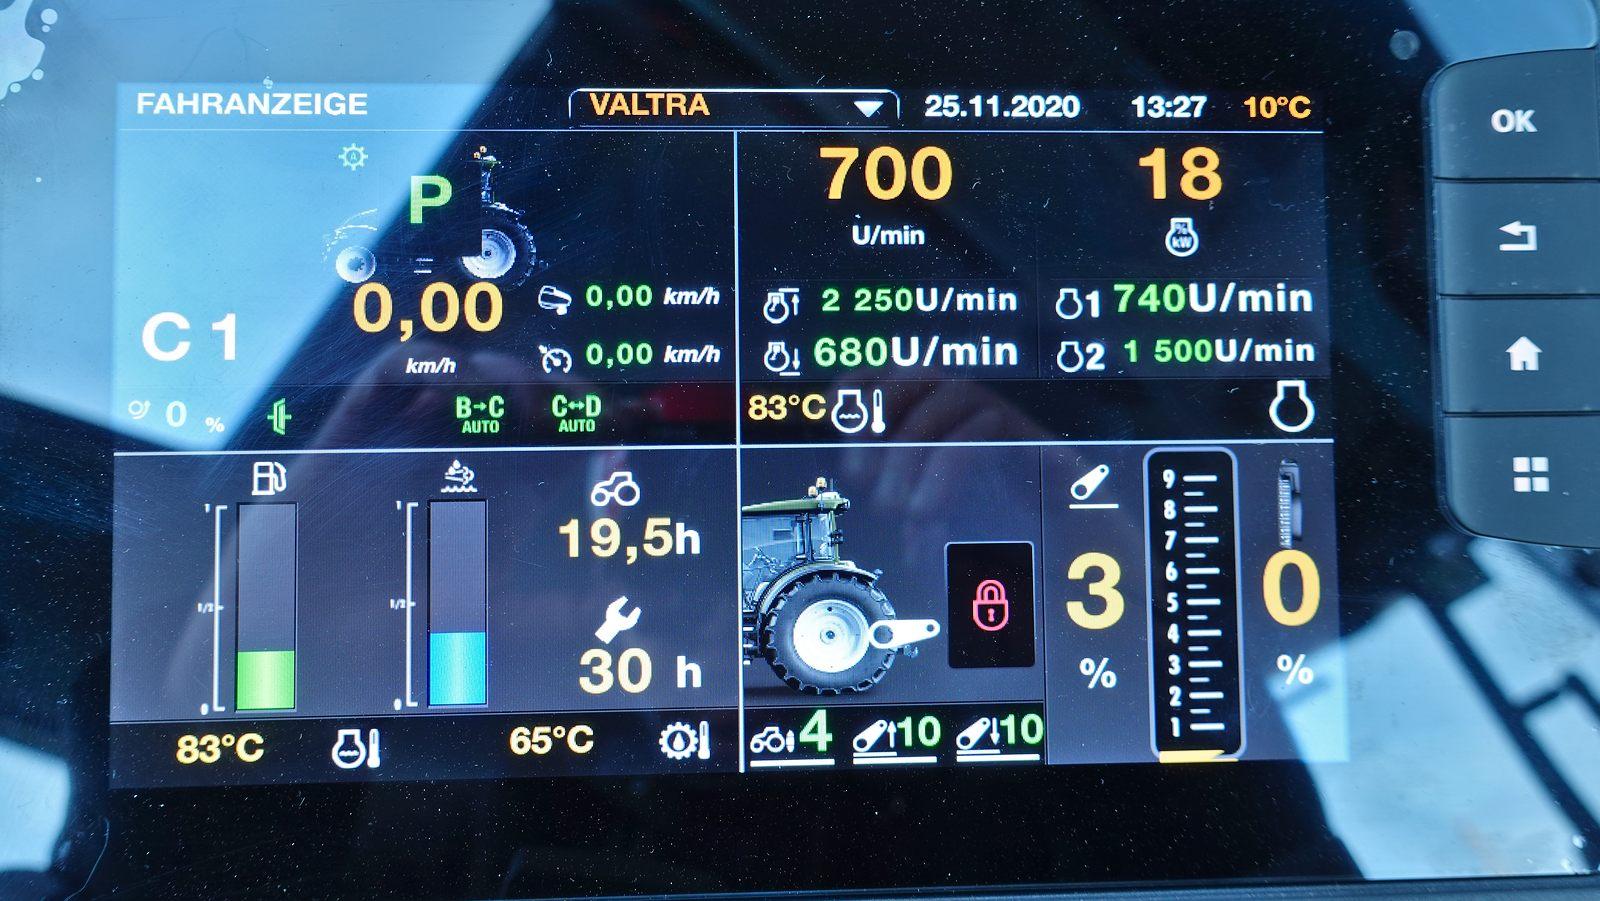 Valtra G105 Versu